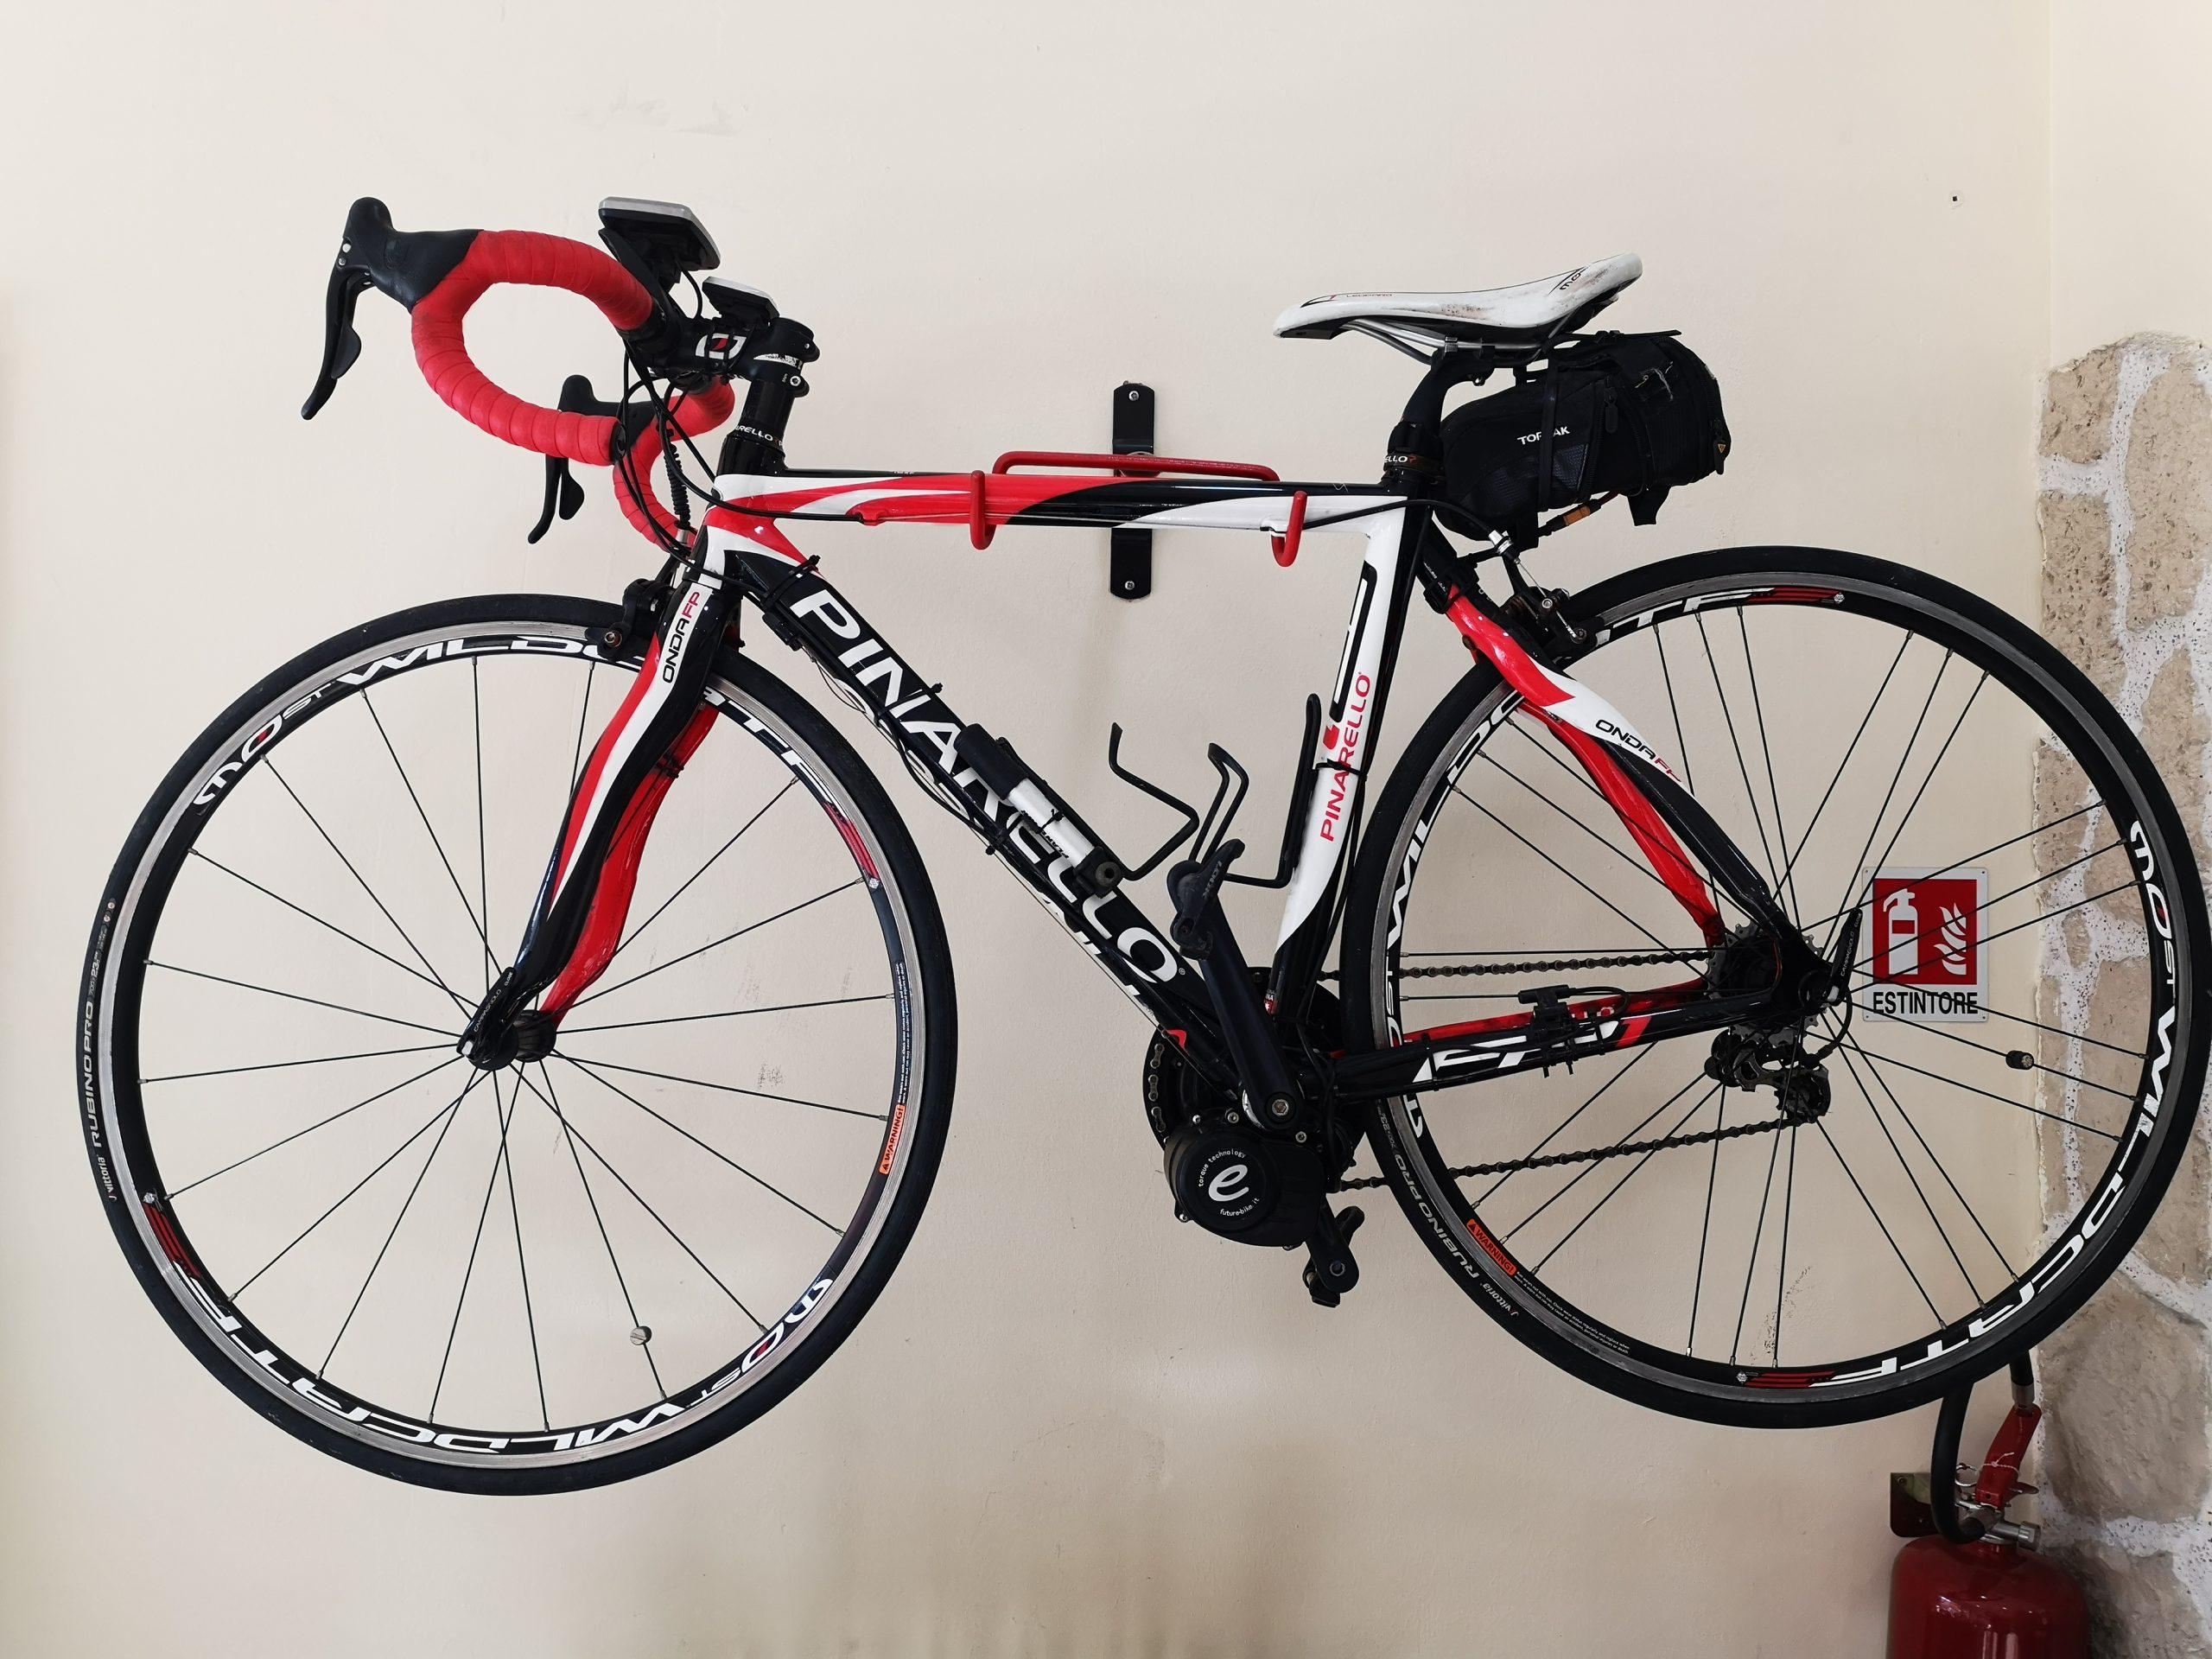 greenbike pesaro-Pinarello elettrica-bici corsa elettriche